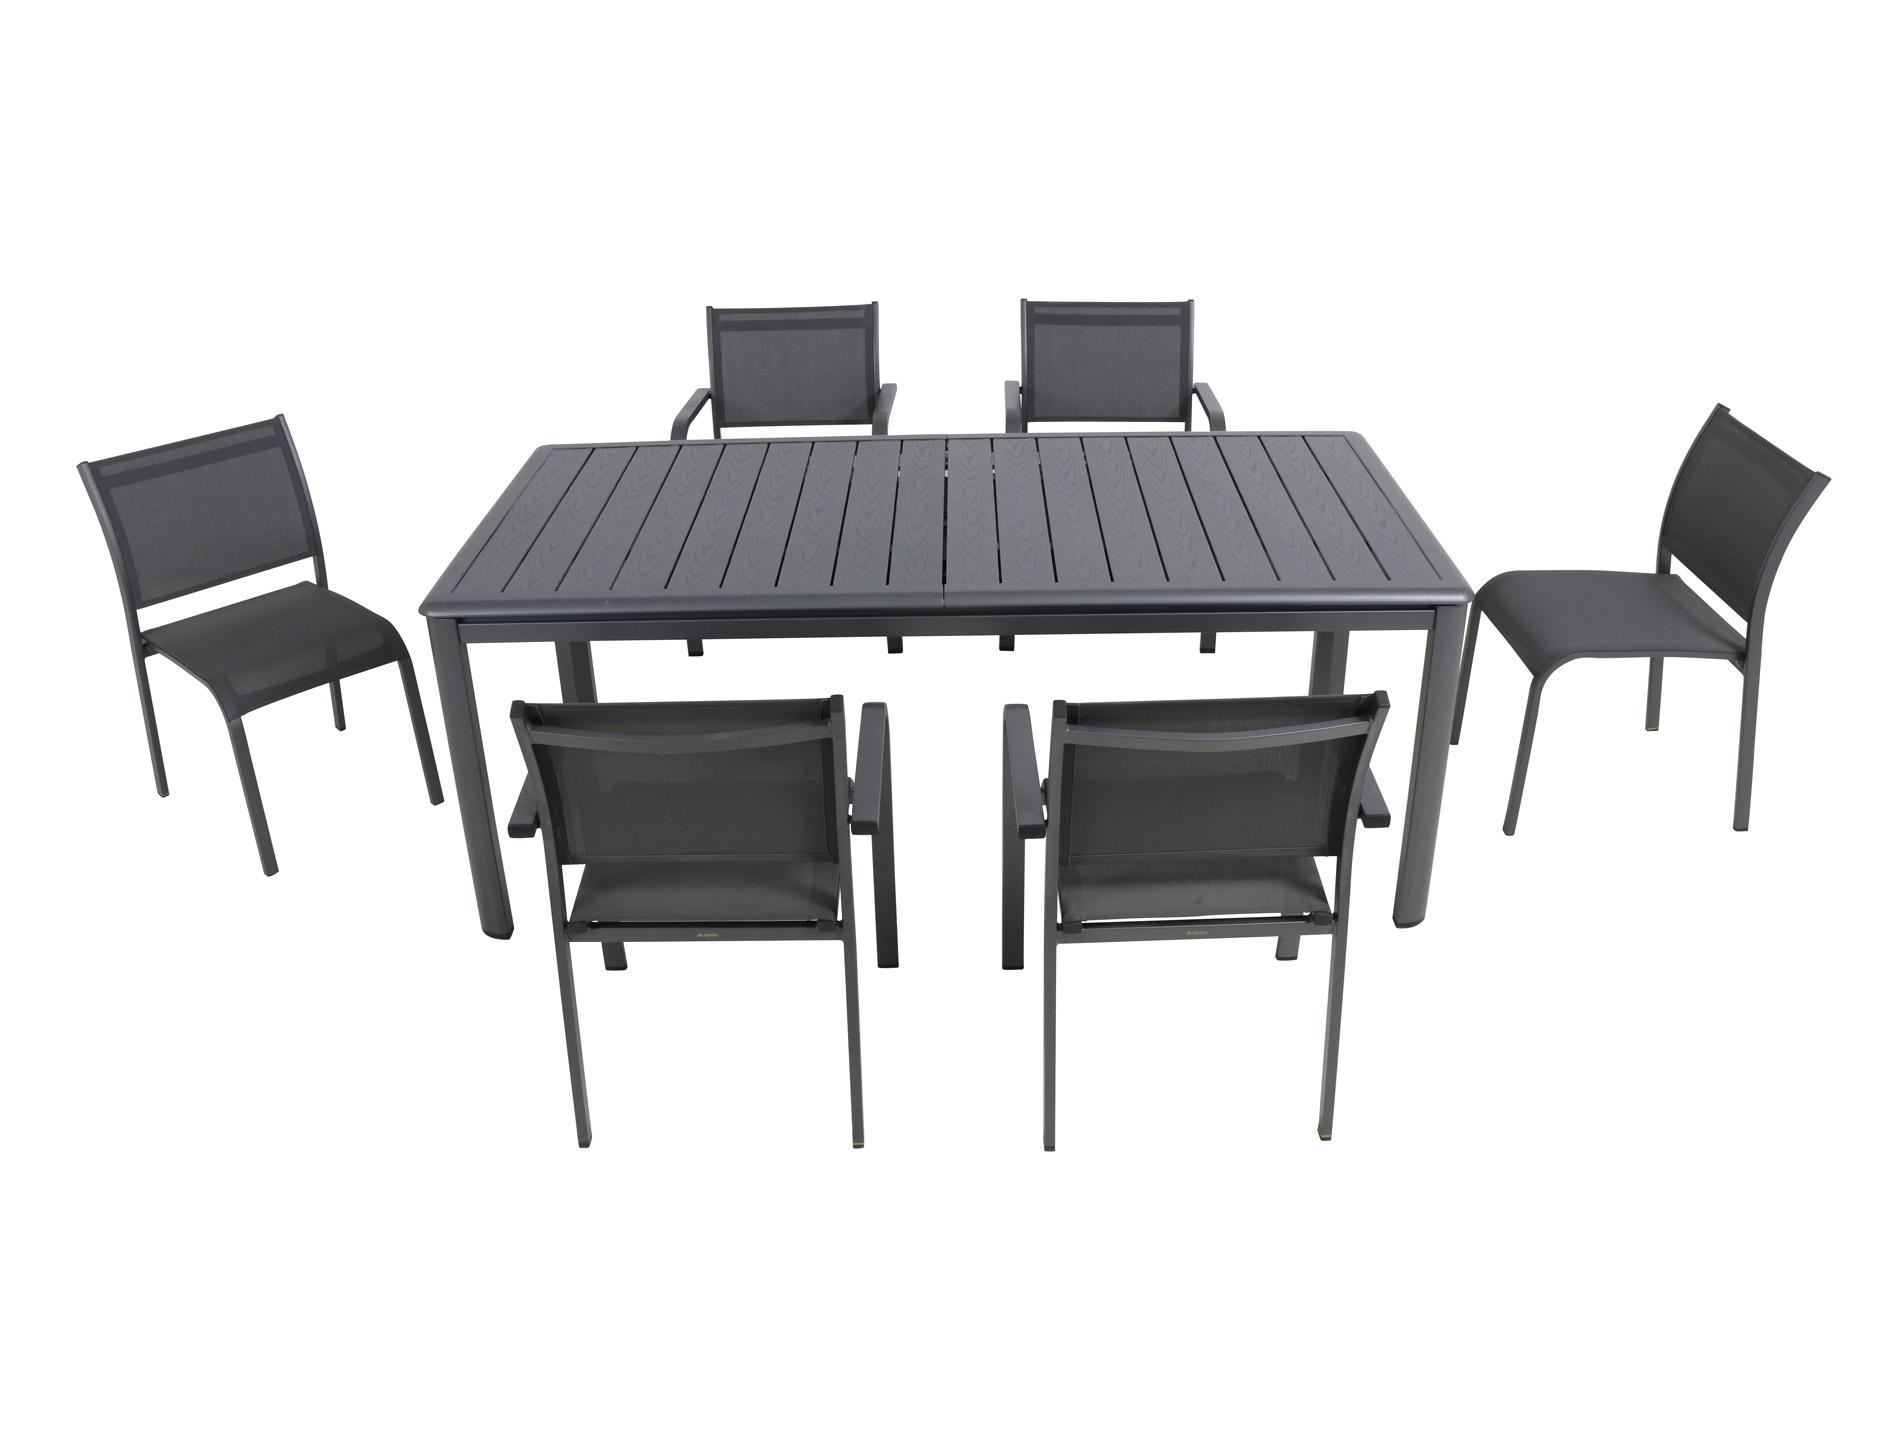 table aluminium rocco mobilier de jardin am nagement ext rieur. Black Bedroom Furniture Sets. Home Design Ideas